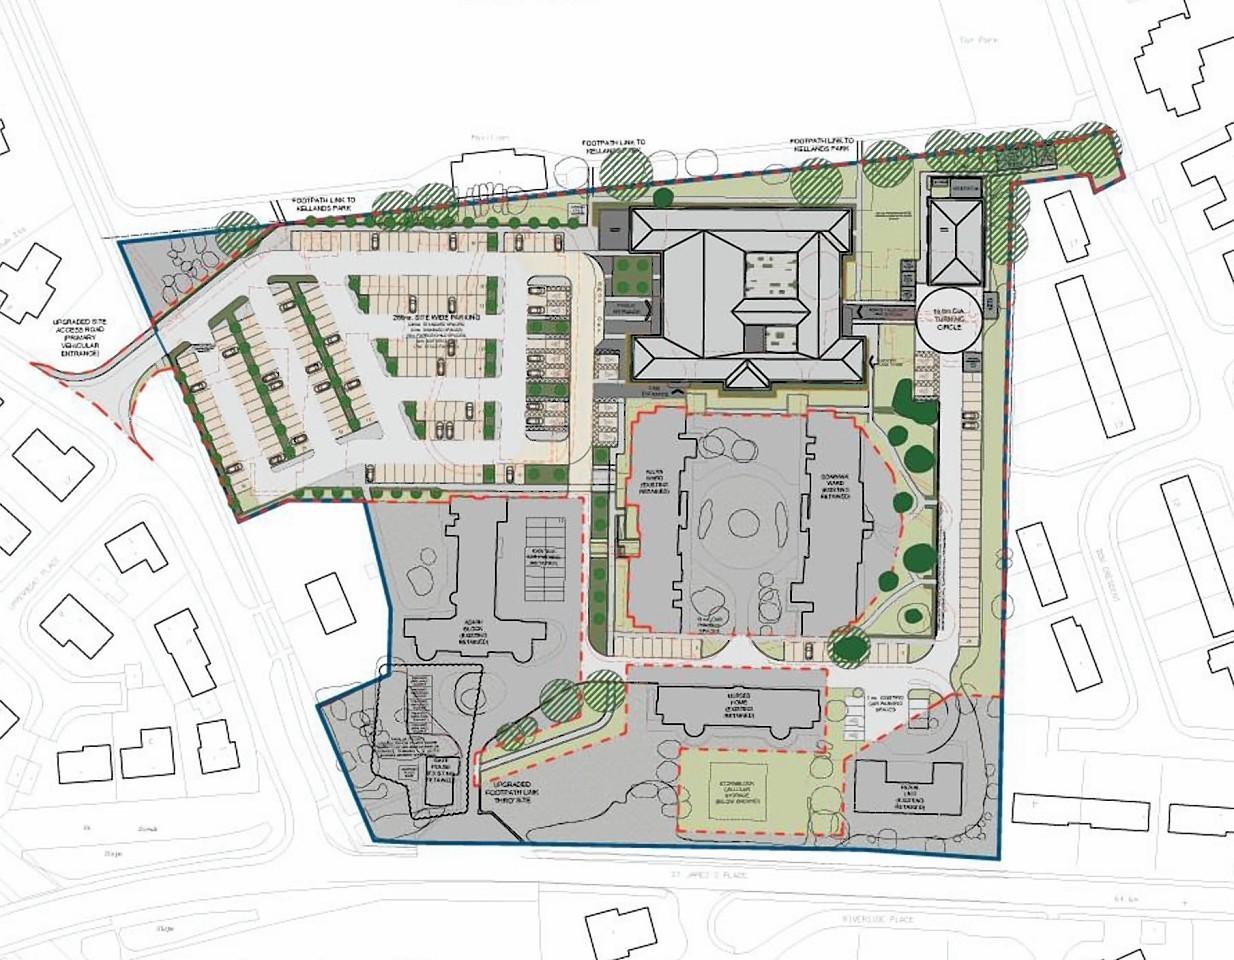 Inverurie health centre plans